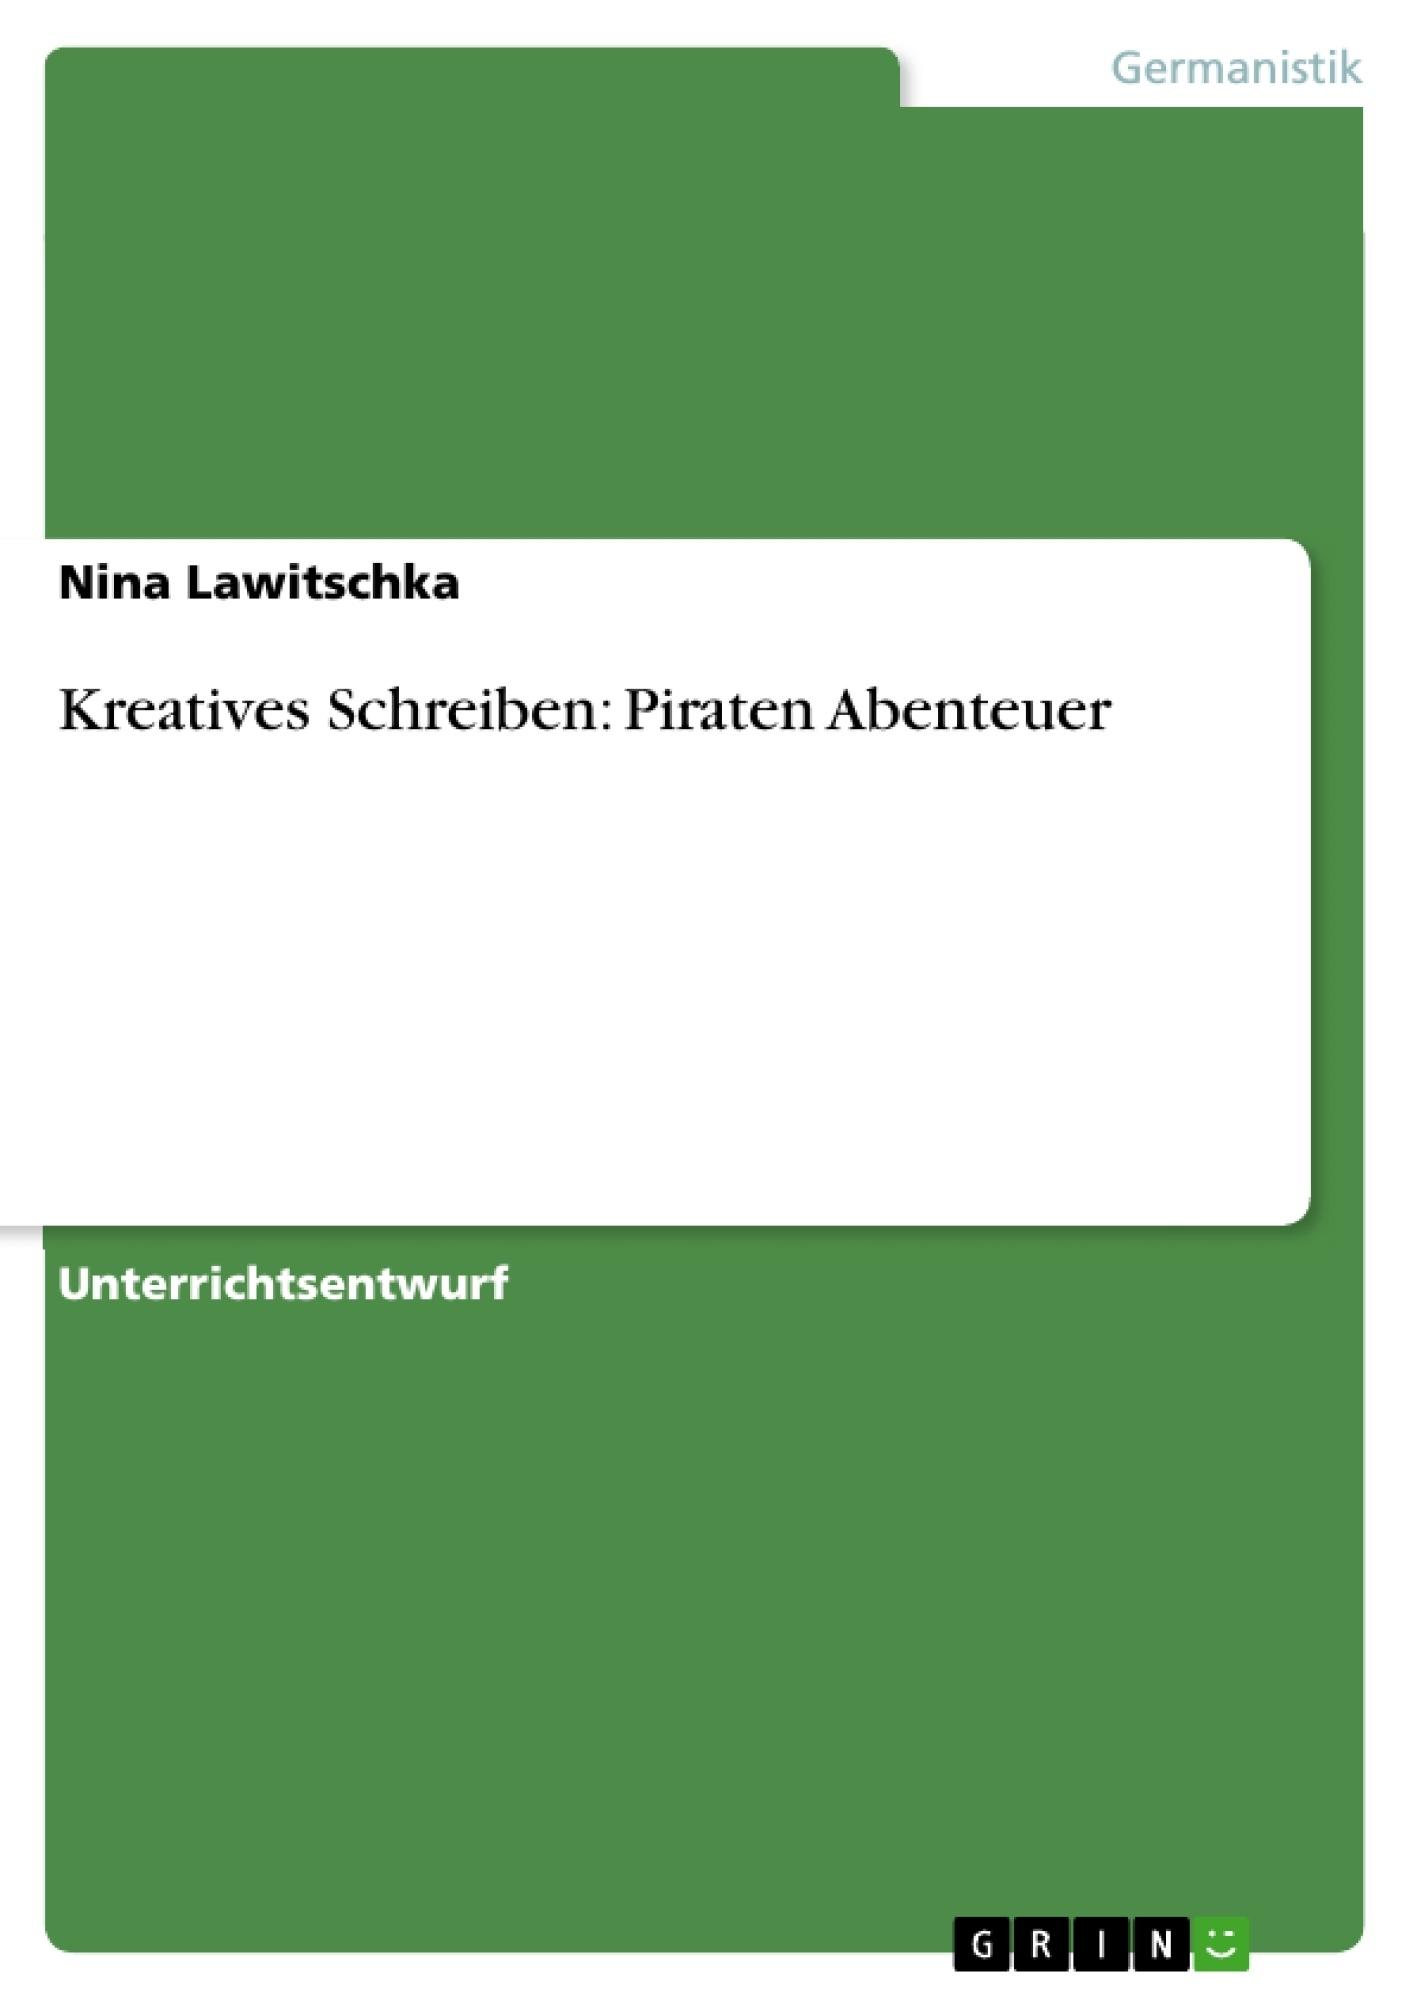 Titel: Kreatives Schreiben: Piraten Abenteuer